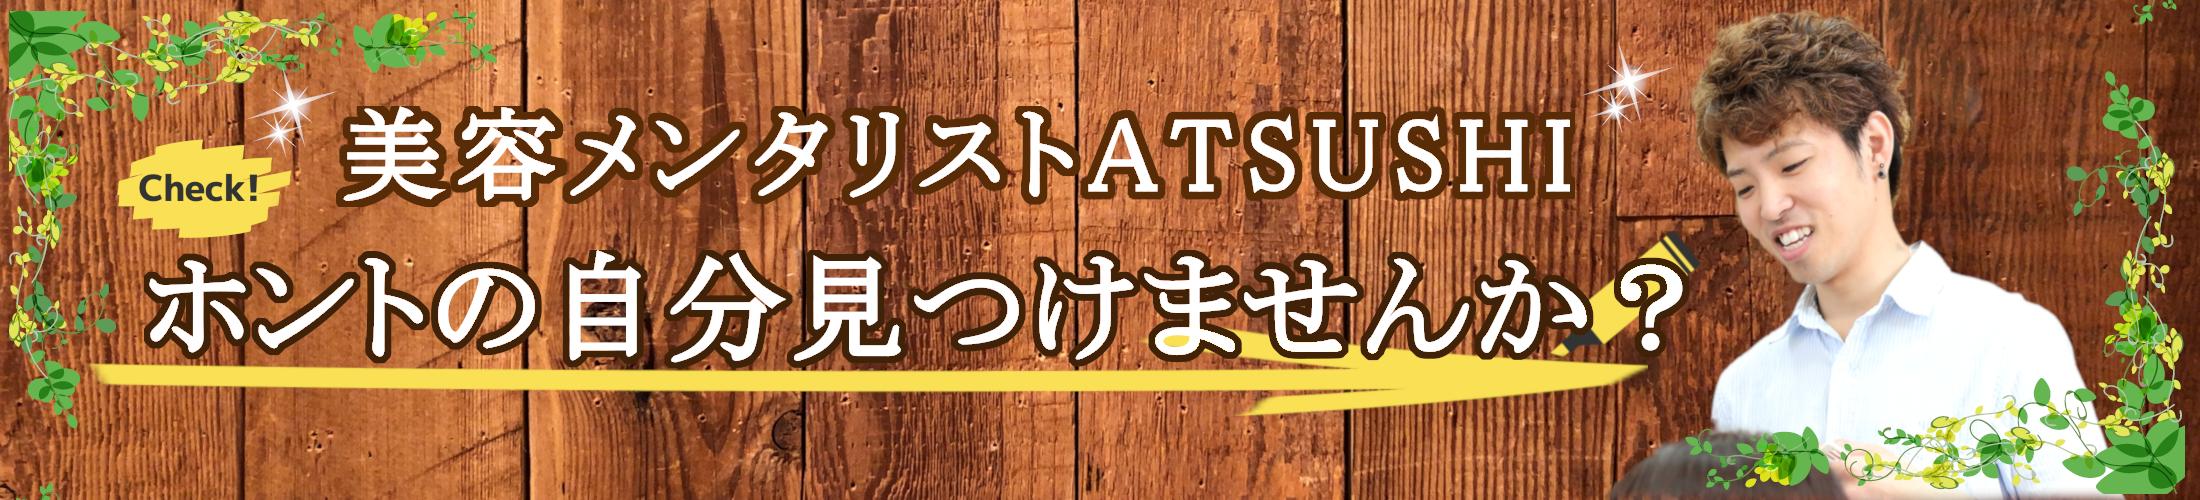 美容メンタリストATSUSHI ホントの自分見つけませんか?